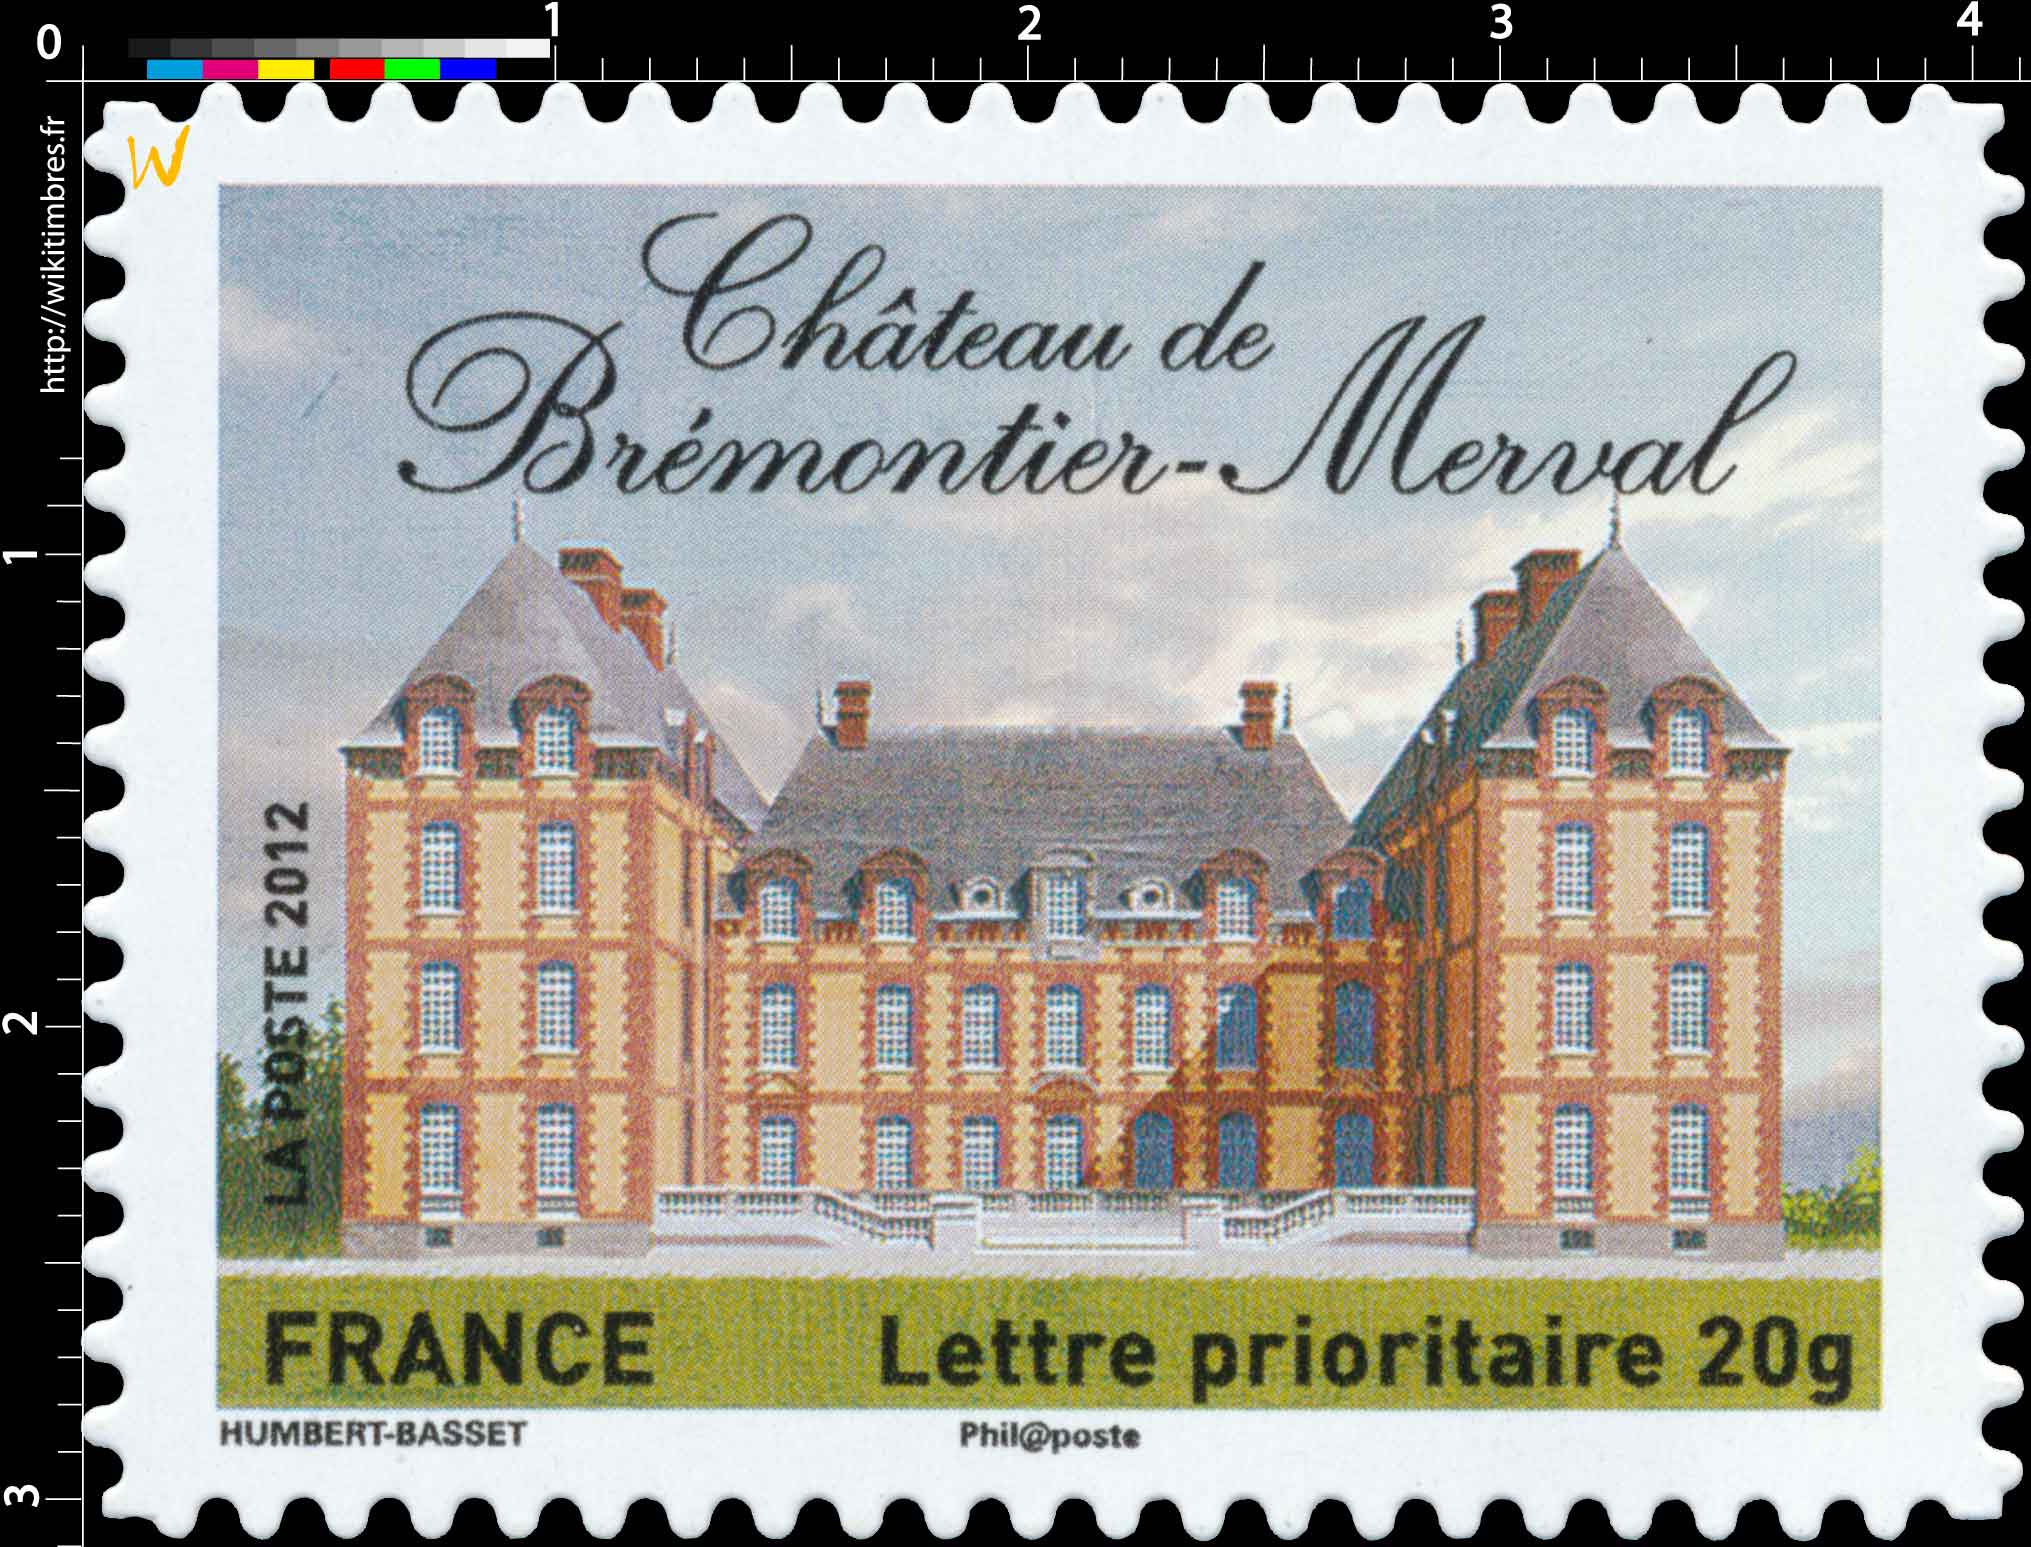 2012 Château de Brémontier-Merval